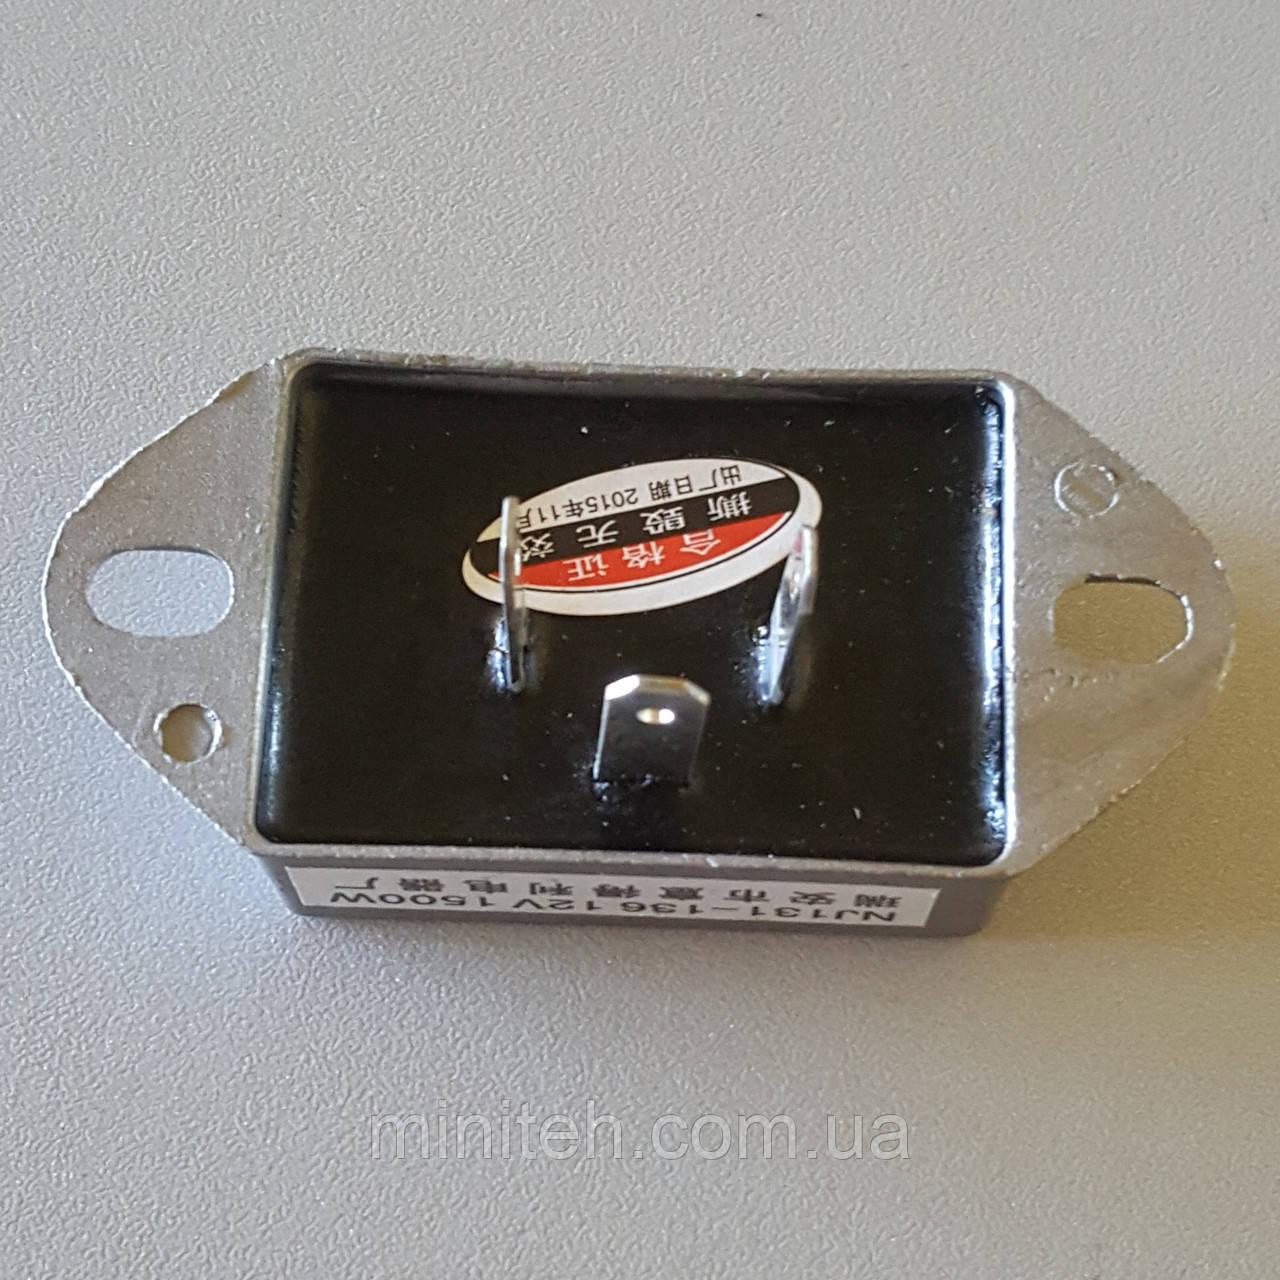 Реле зарядки NJ131-136 12V 1500W (3 конт)